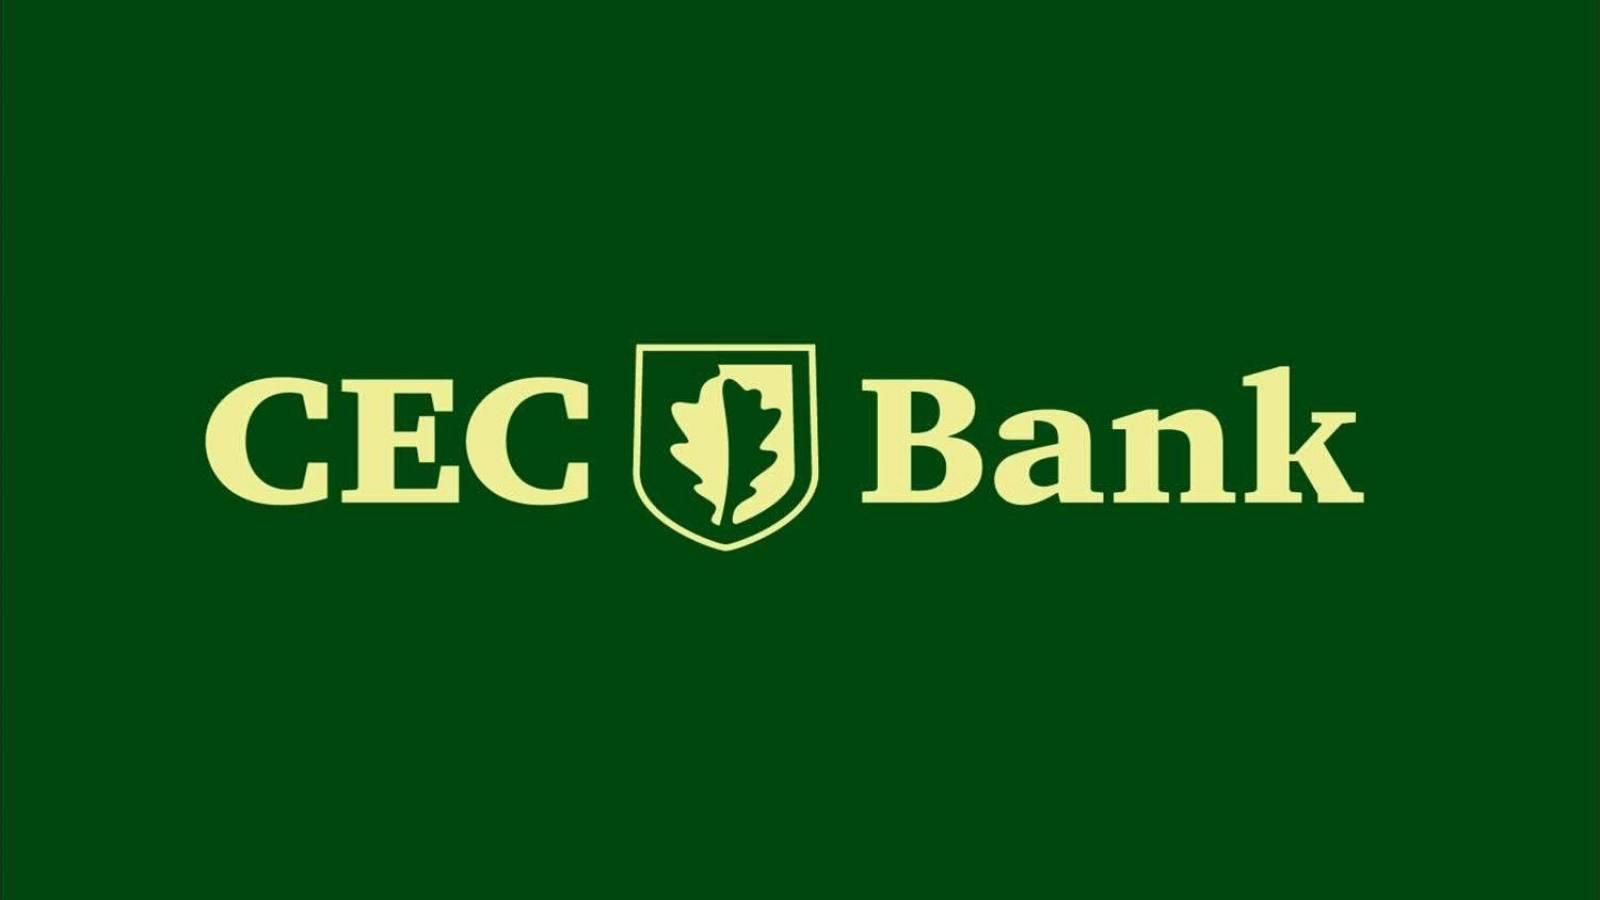 CEC Bank Friends